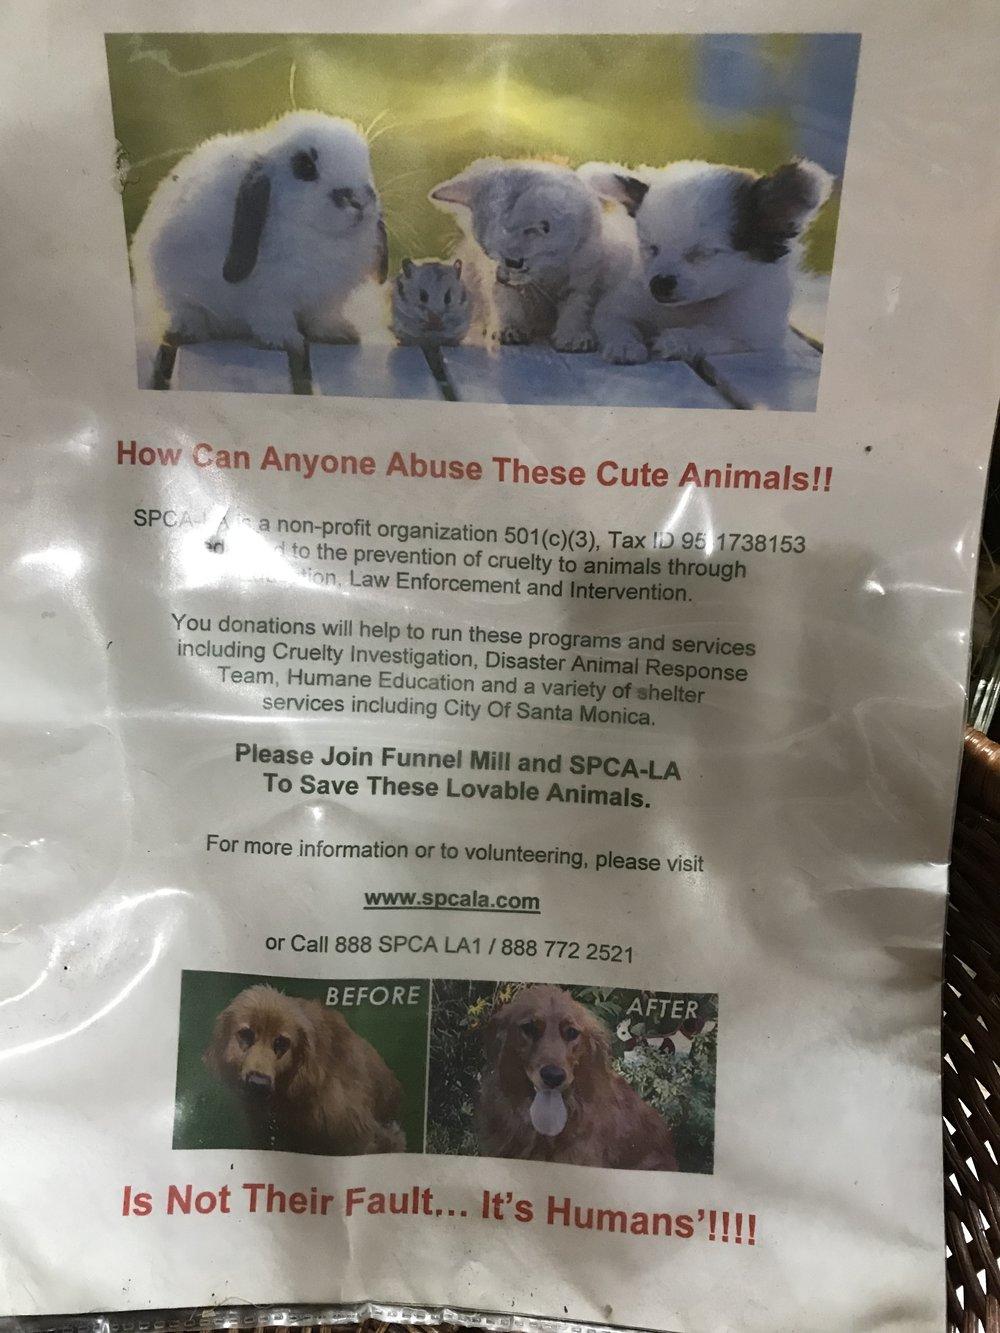 Vietoj įprastai paliekamųarbatpinigių, prašoma aukoti gyvūnų prieglaudai